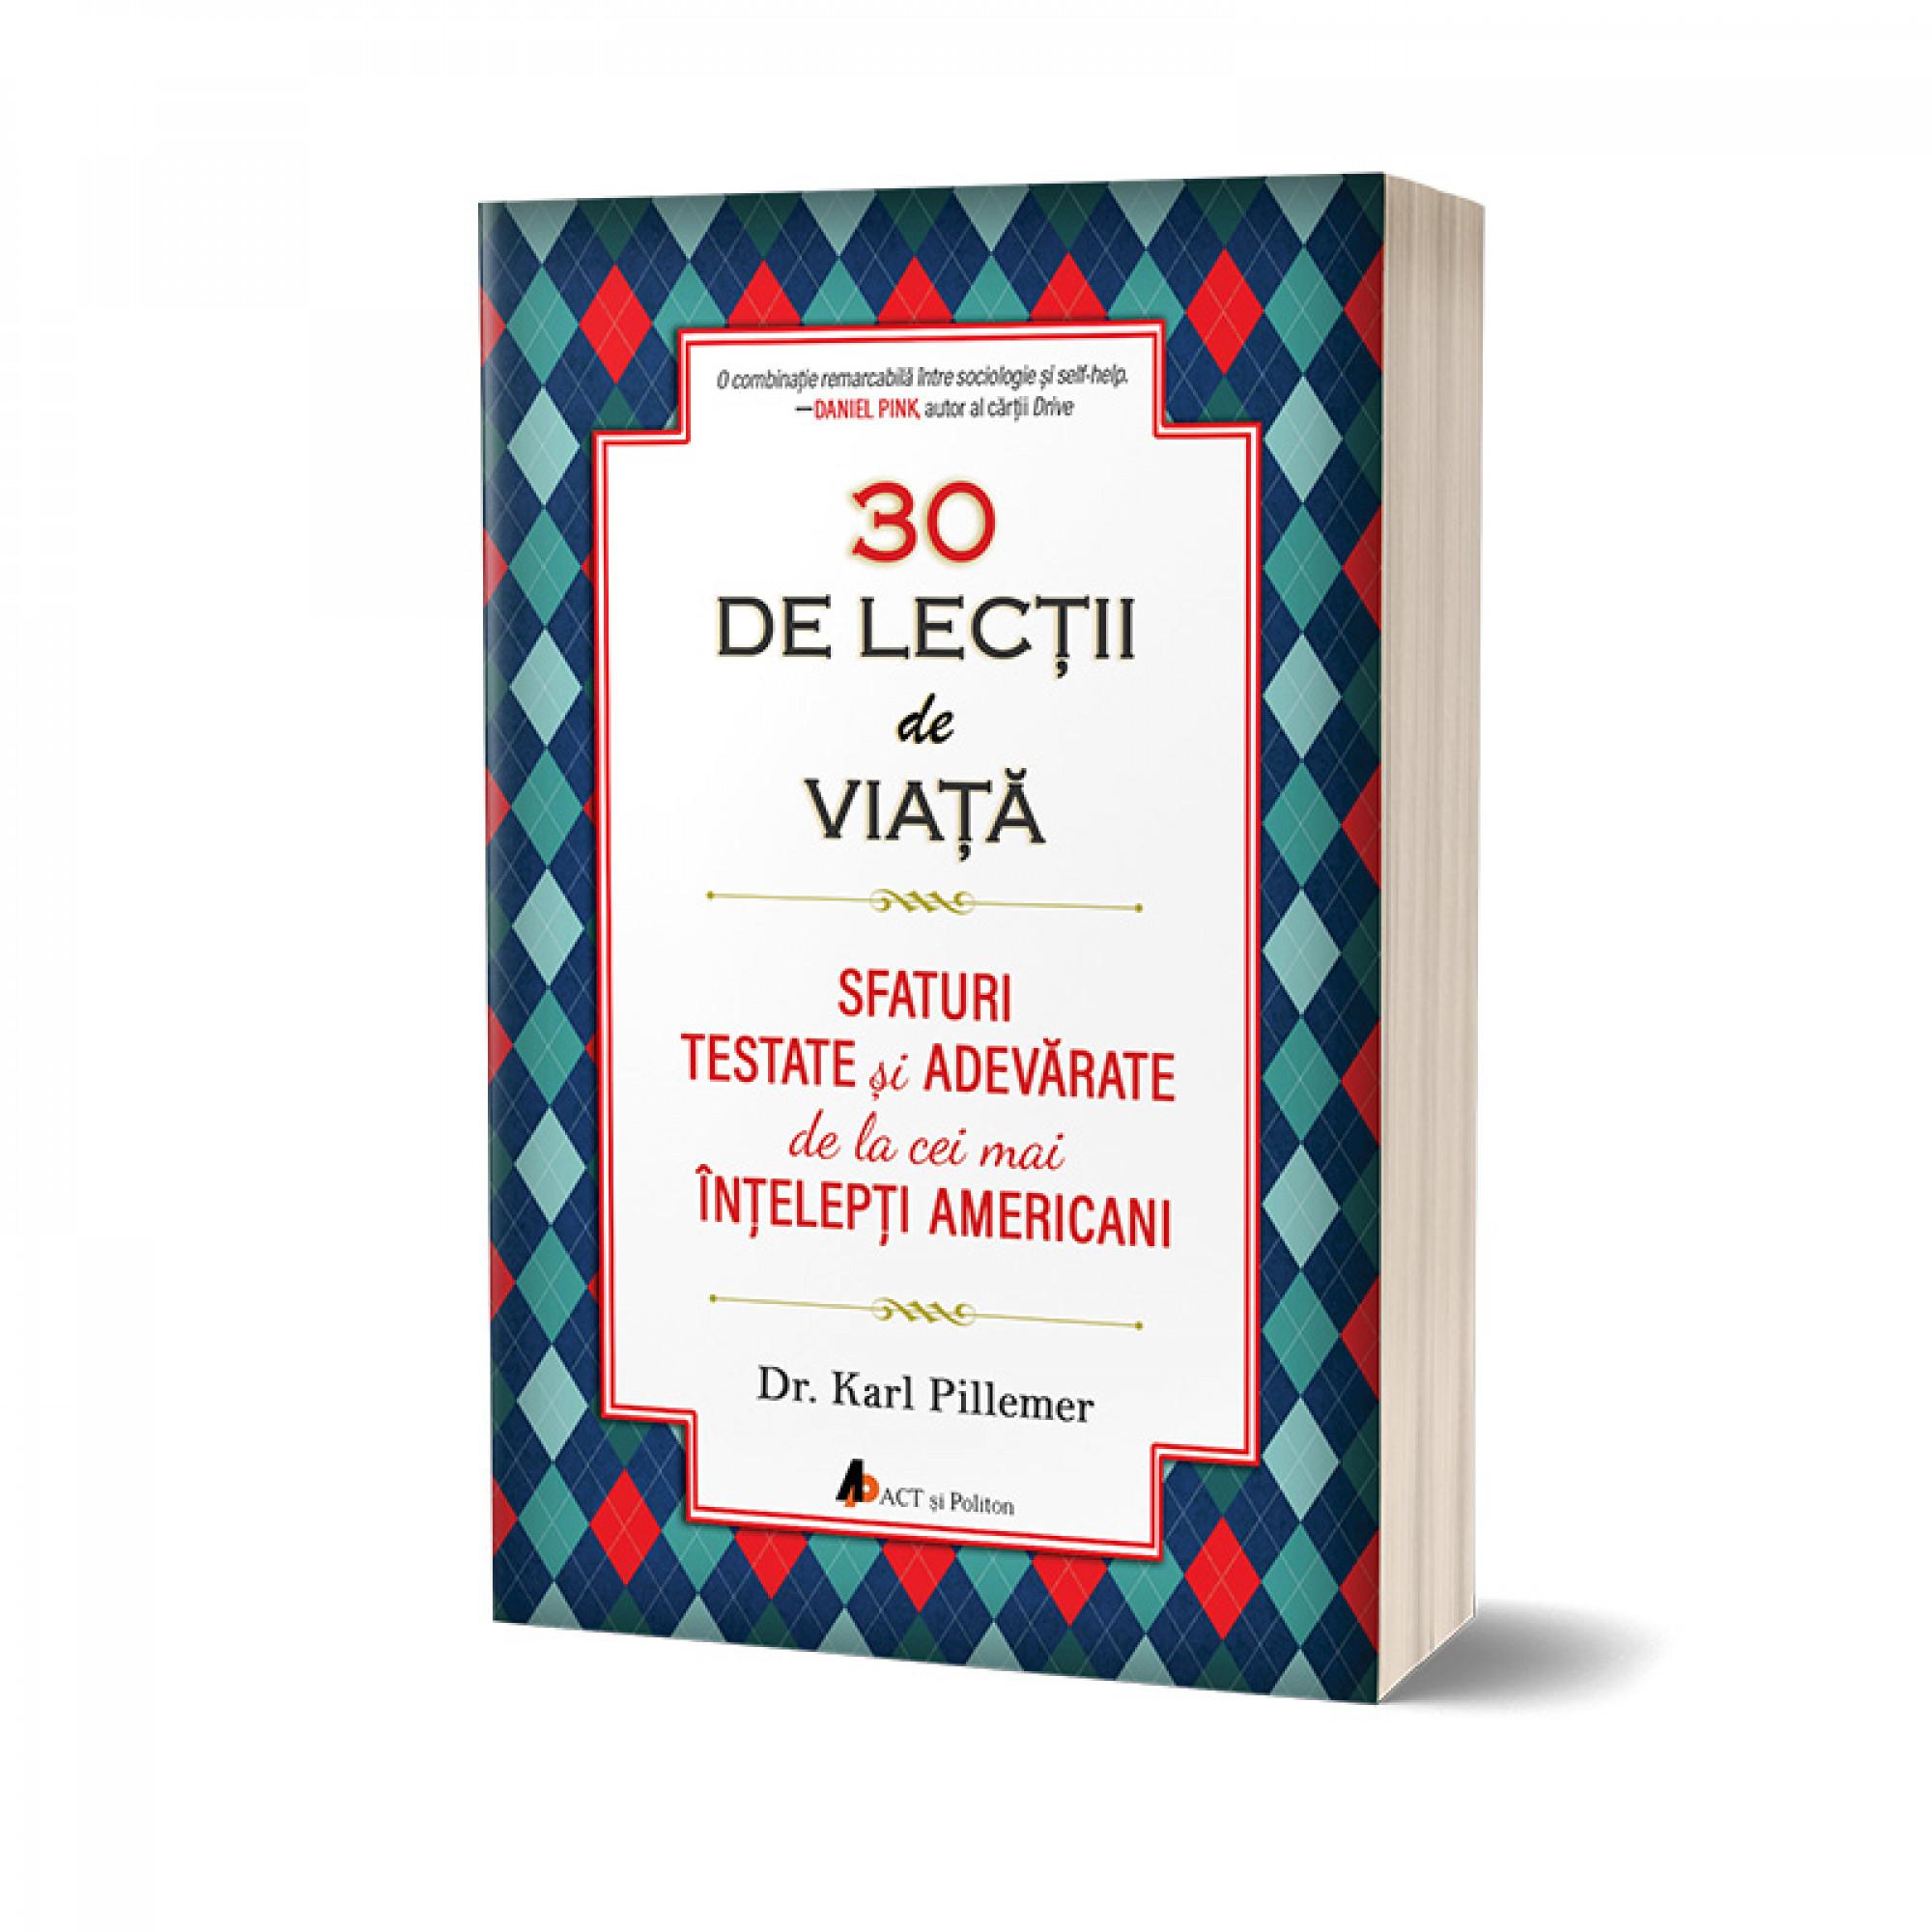 30 de Lecții de viață / 30 Lessons for Living. Învață să îți trăiești viața ca un expert!